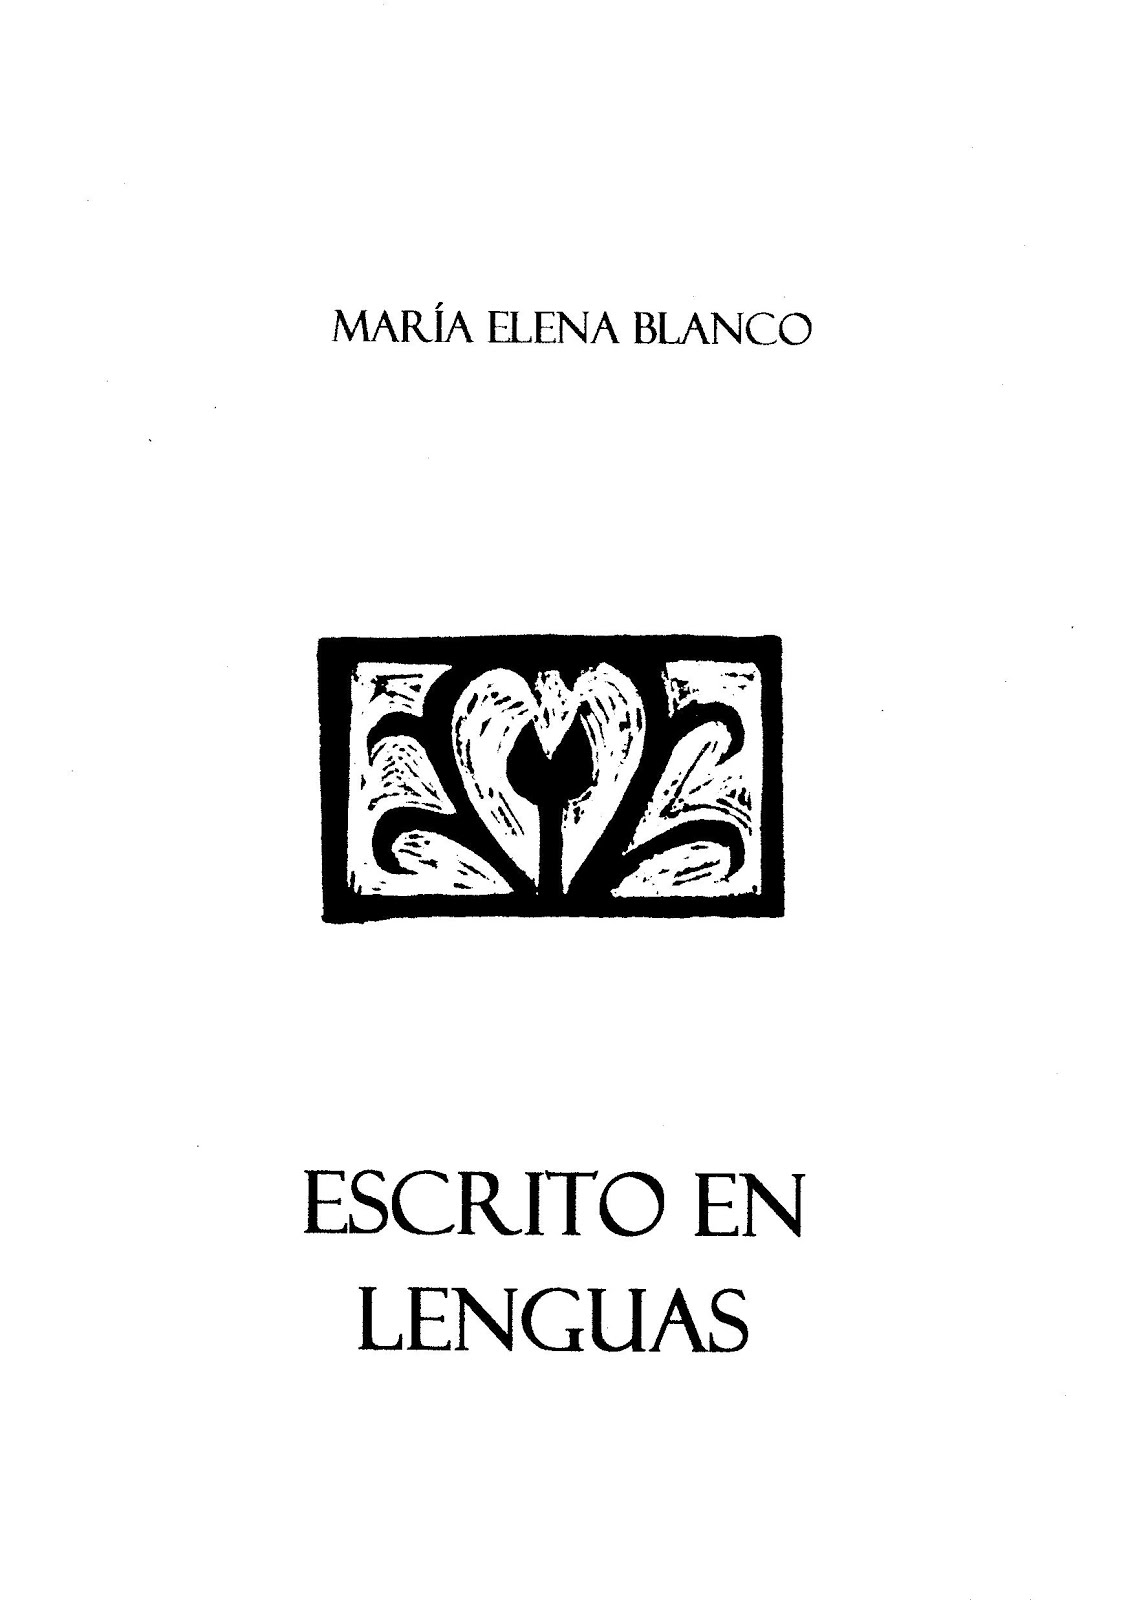 Escrito en lenguas (Ed. Verbo(des)nudo, Santiago de Chile, 2014)